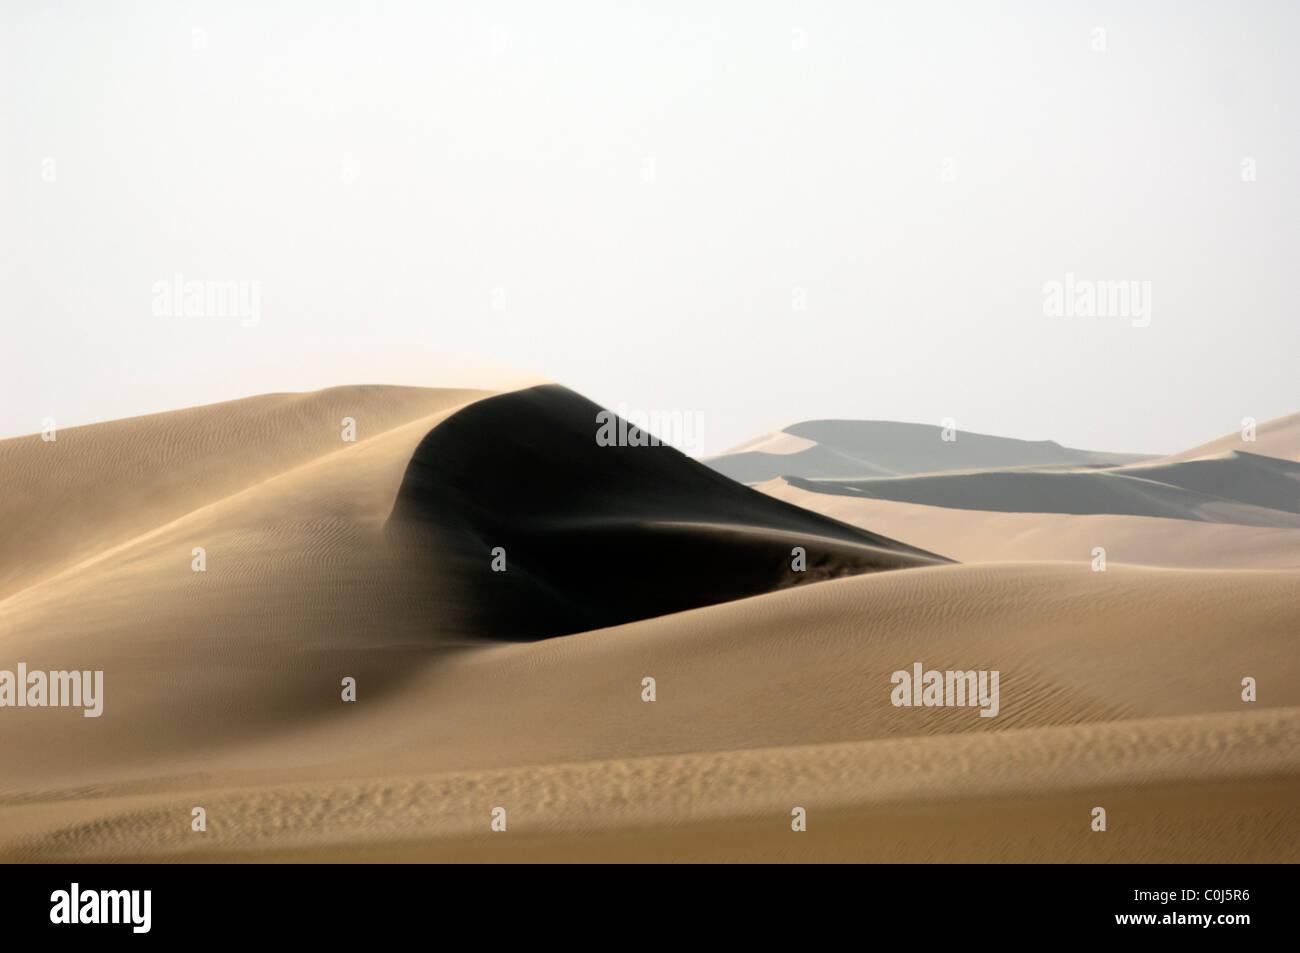 Western Desert Egypt - Stock Image